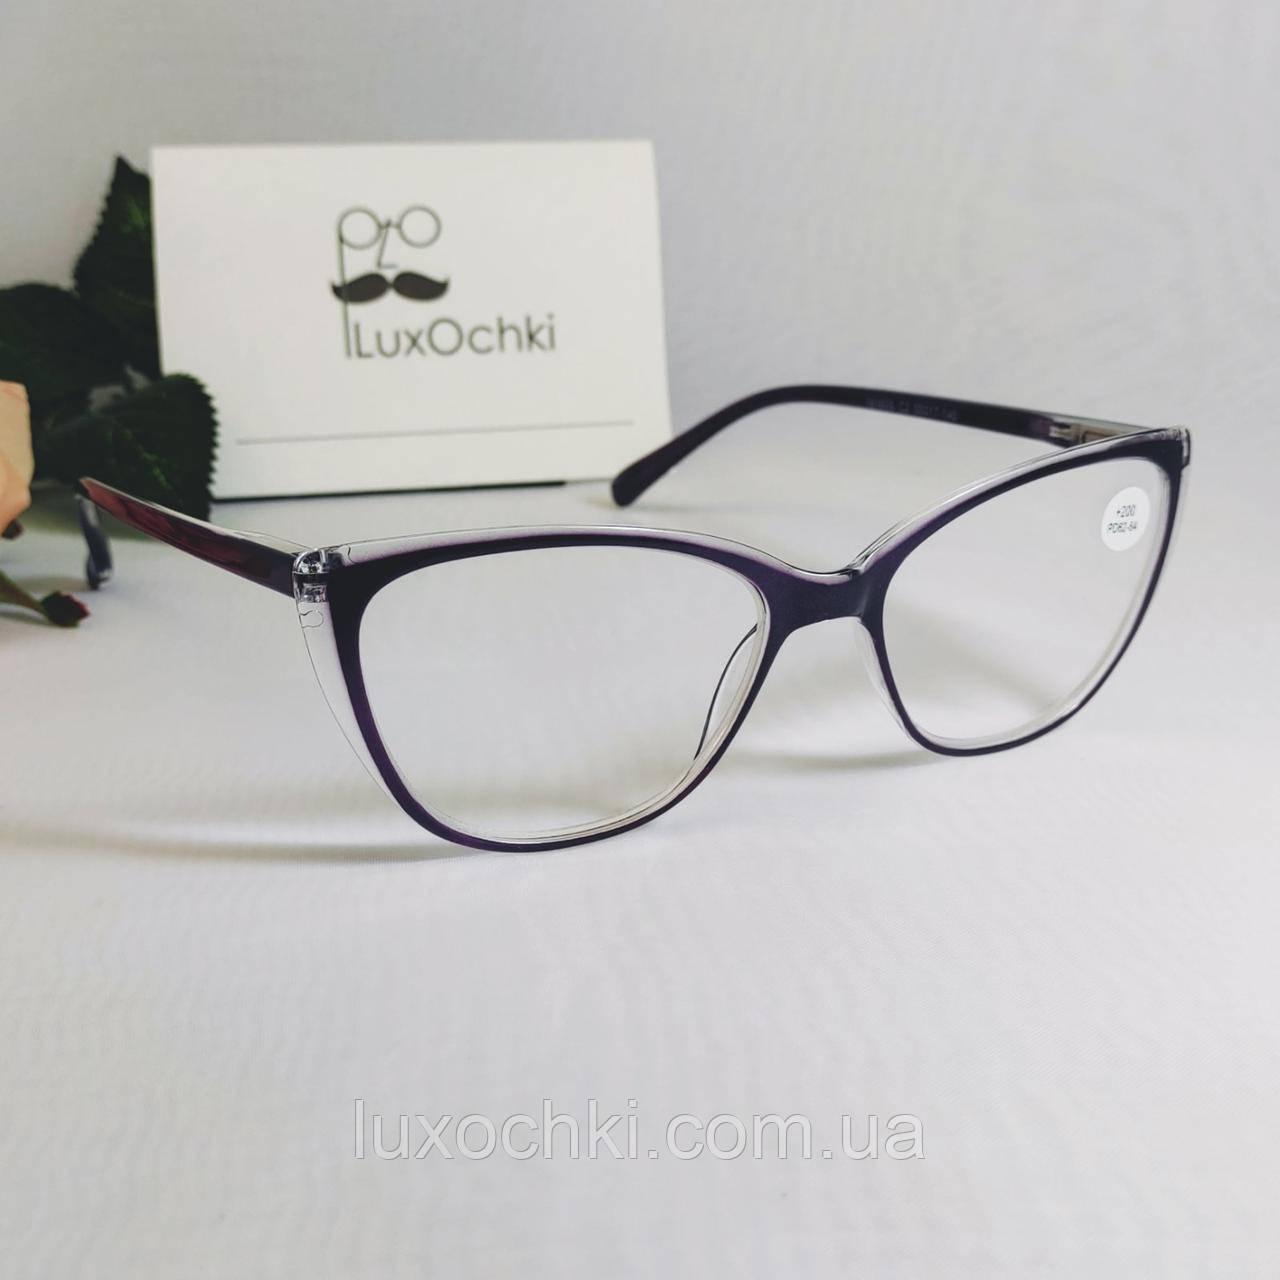 +2.0 Готовые женские очки кошечки для зрения в полупрозрачной оправе